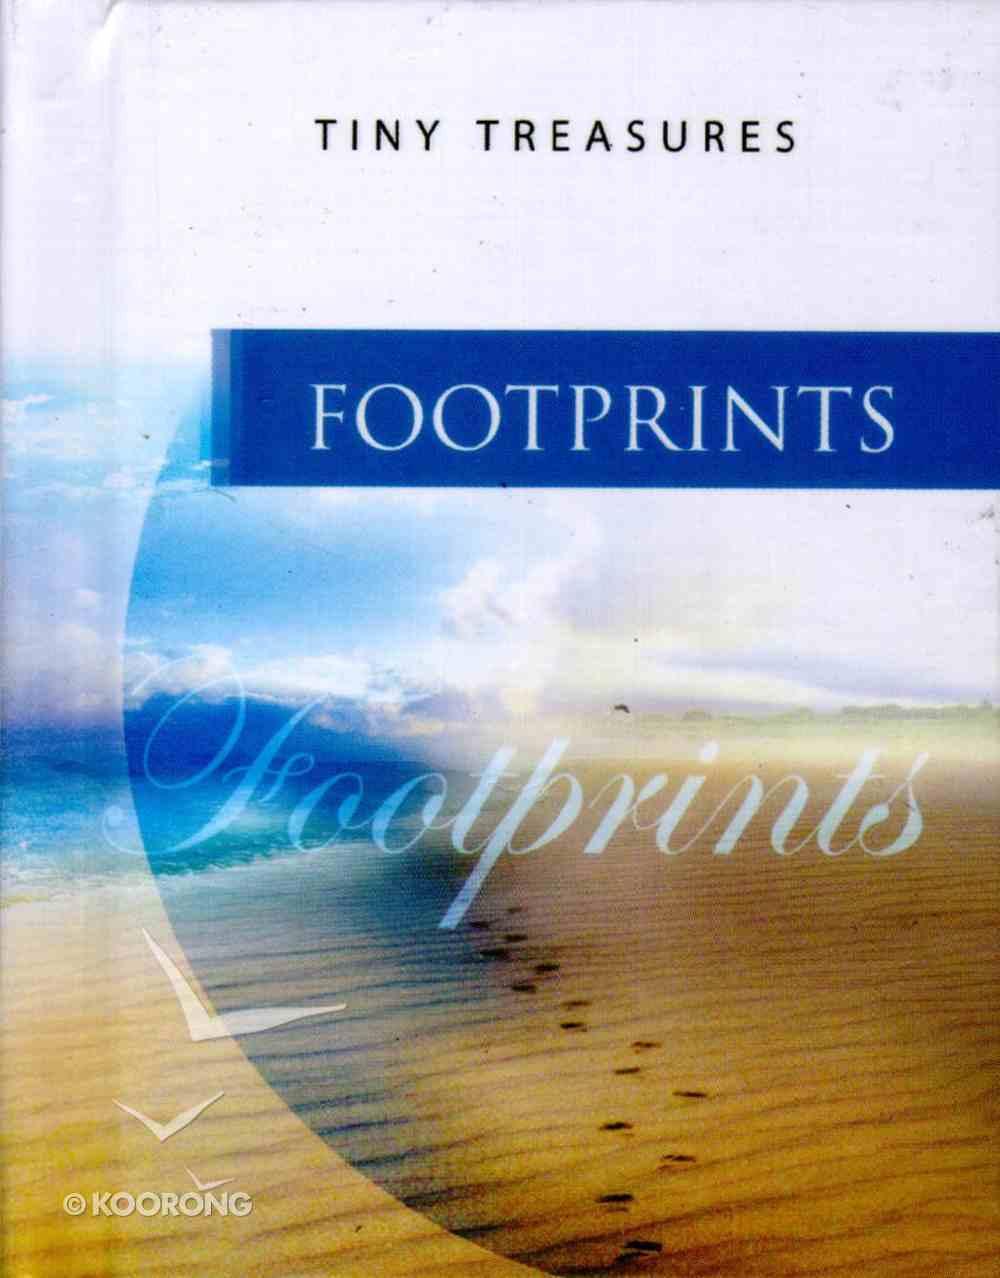 Footprints (Tiny Treasures Series) Hardback